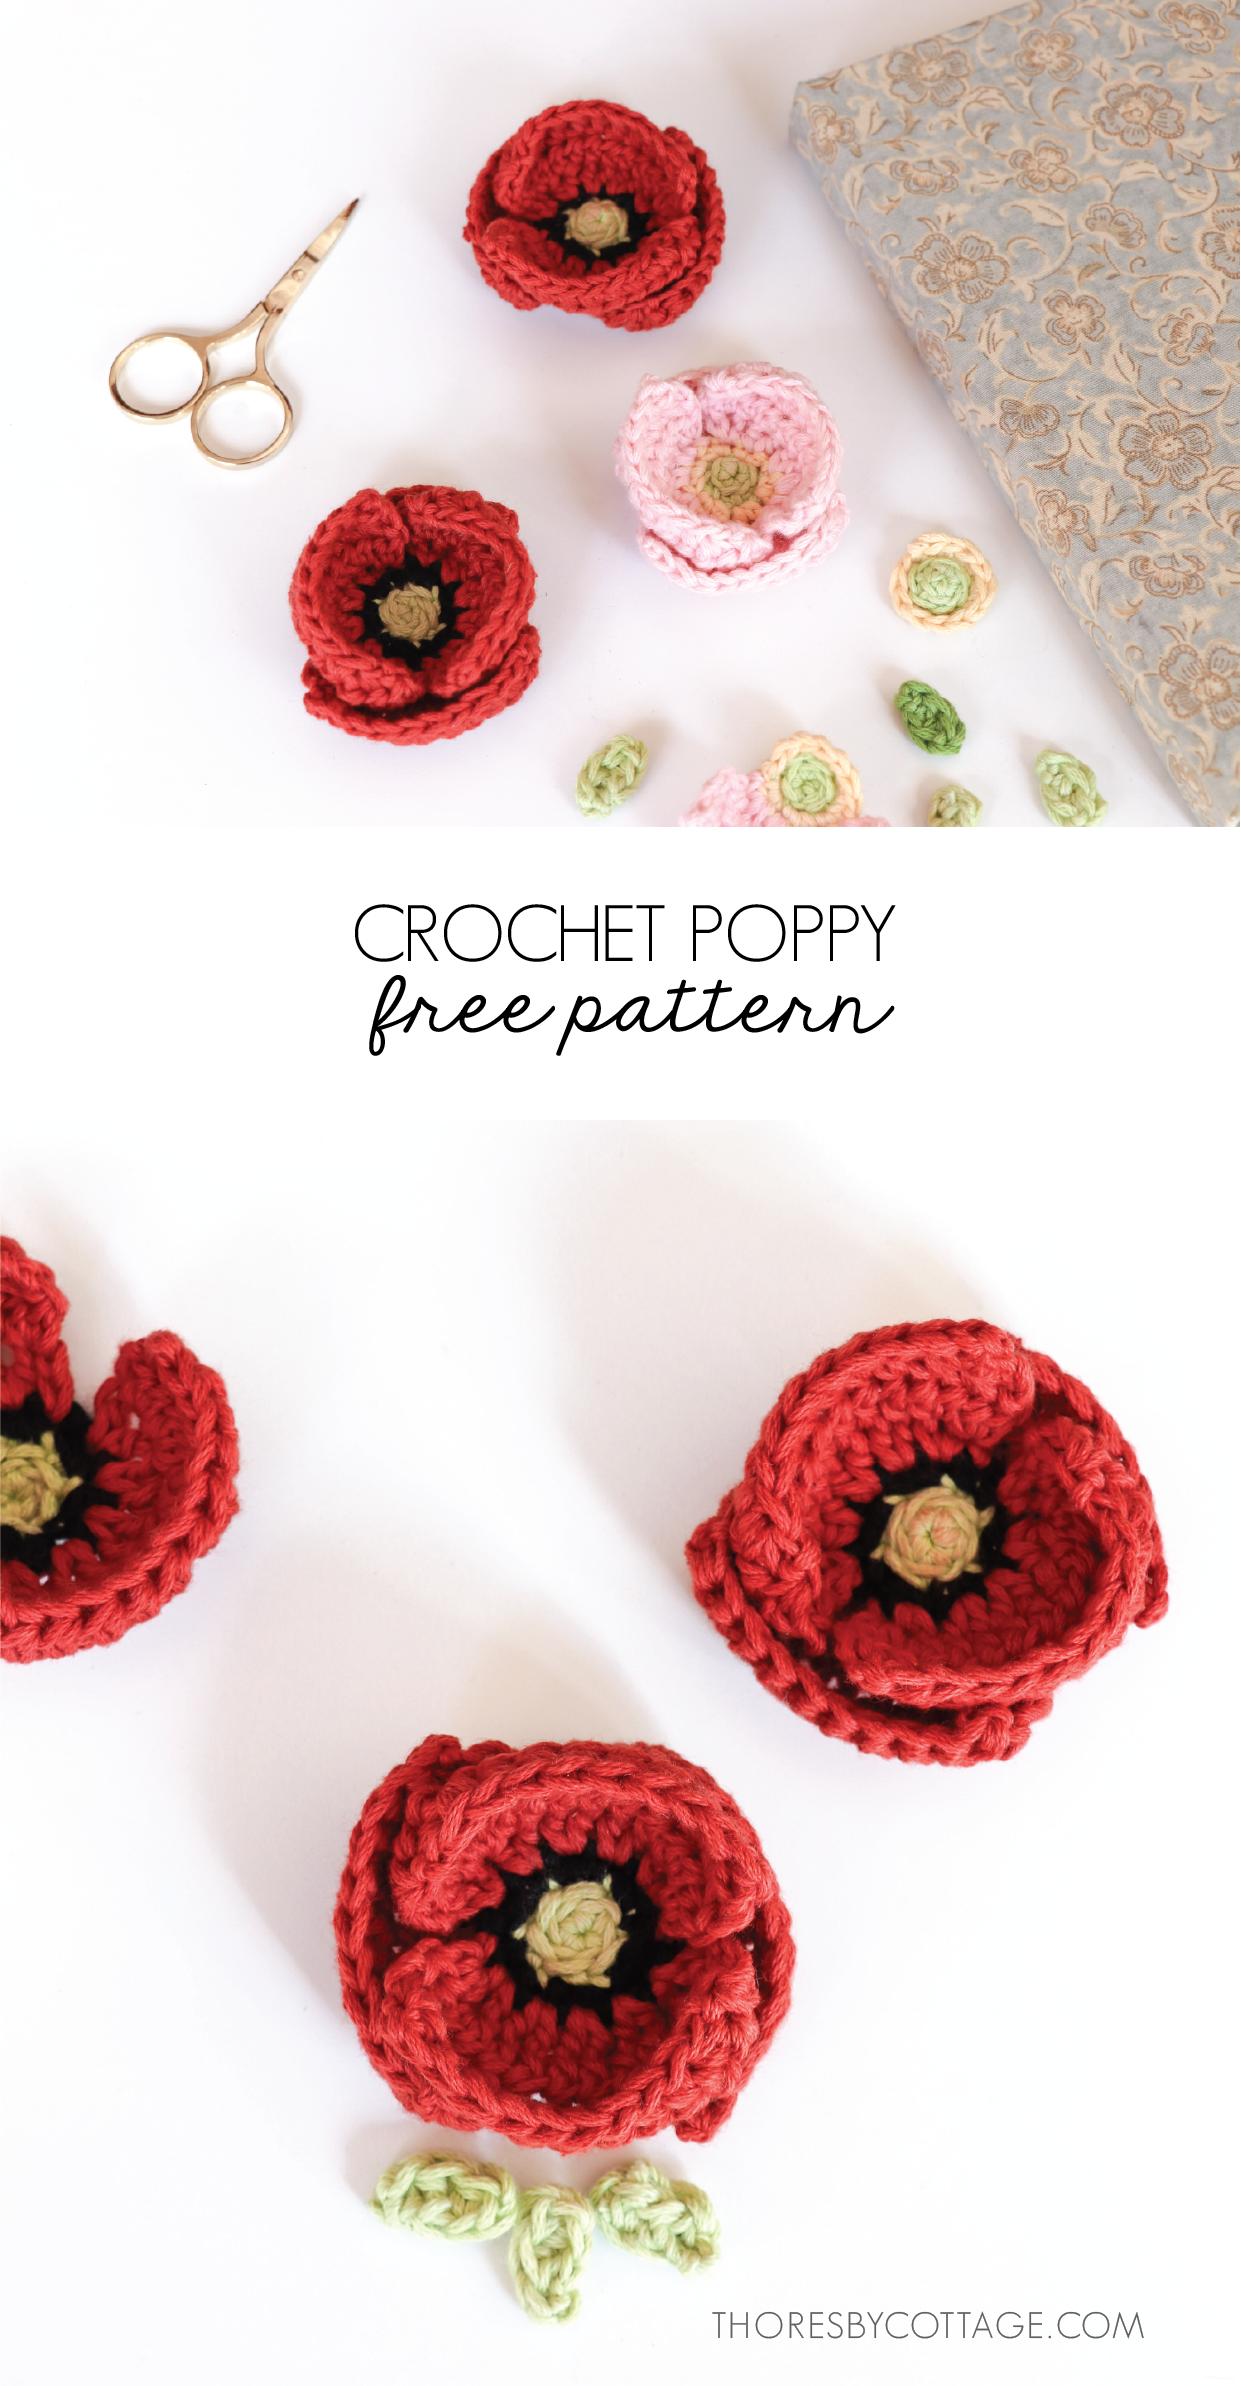 Poppy flower crochet pattern – Free crochet Pattern by